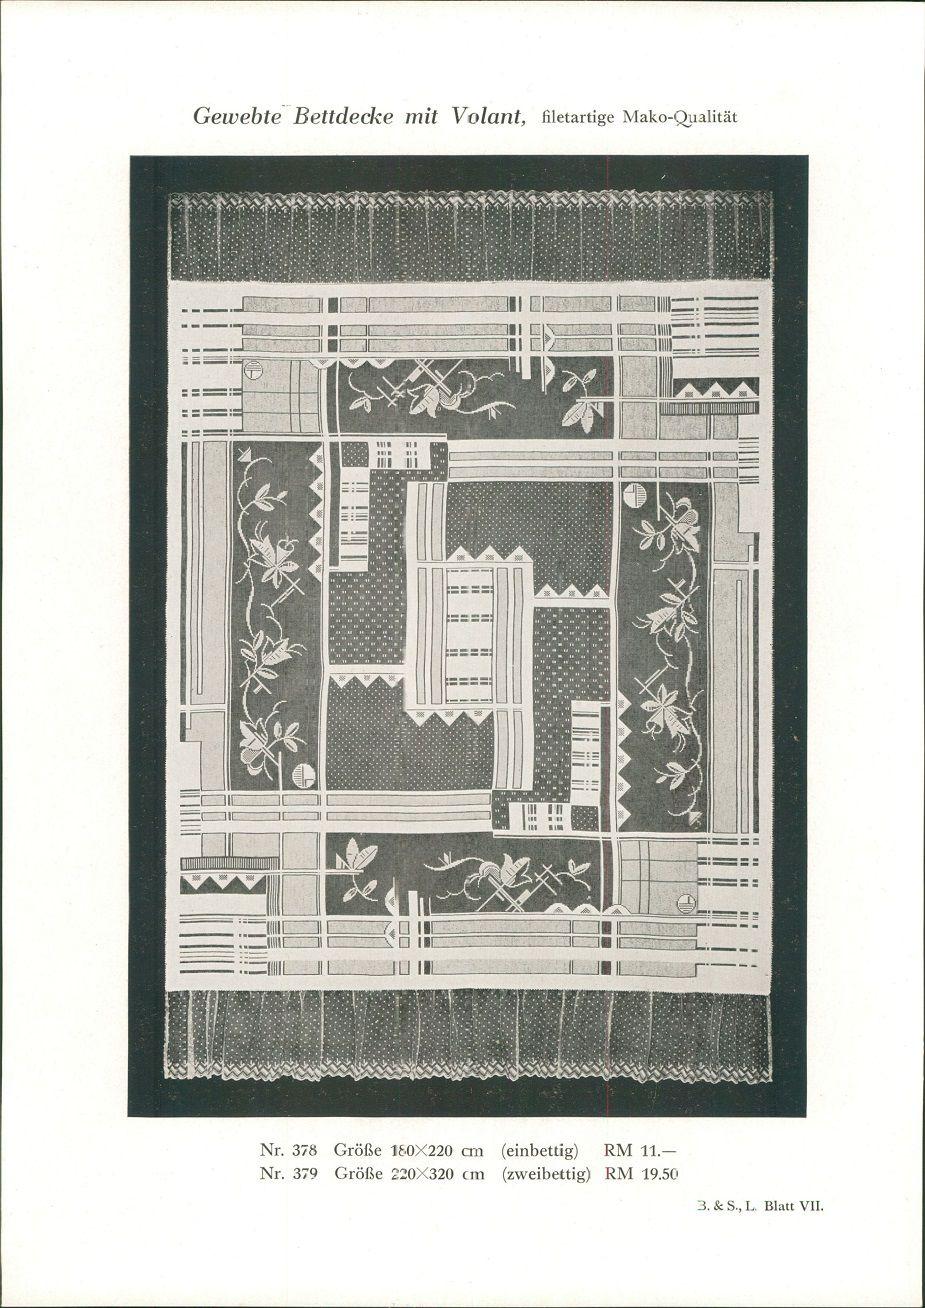 1928 - Druck nach Photographie: Gewebte Bettdecke mit Volant, filetartige Mako-Qualität Nr. 378: 180x220cm (einbettig). RM 11.-. Nr. 380: Größe 220x312 cm (zweibettig) RM 19.50. B. & S. L. Blatt VII.